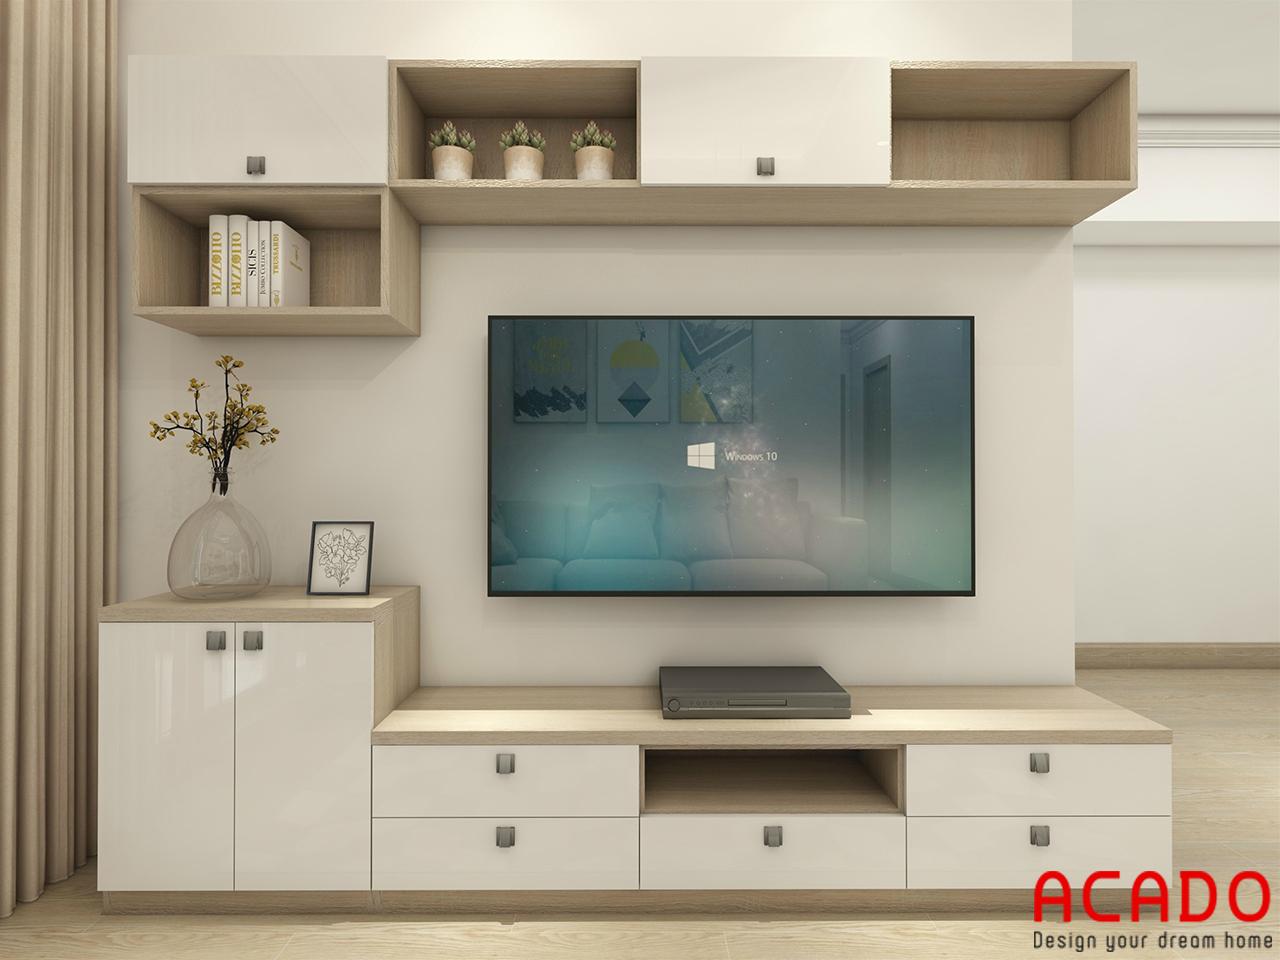 Thiết kế kệ tivi kết hợp tủ trang trí mang tính thẩm mỹ cao